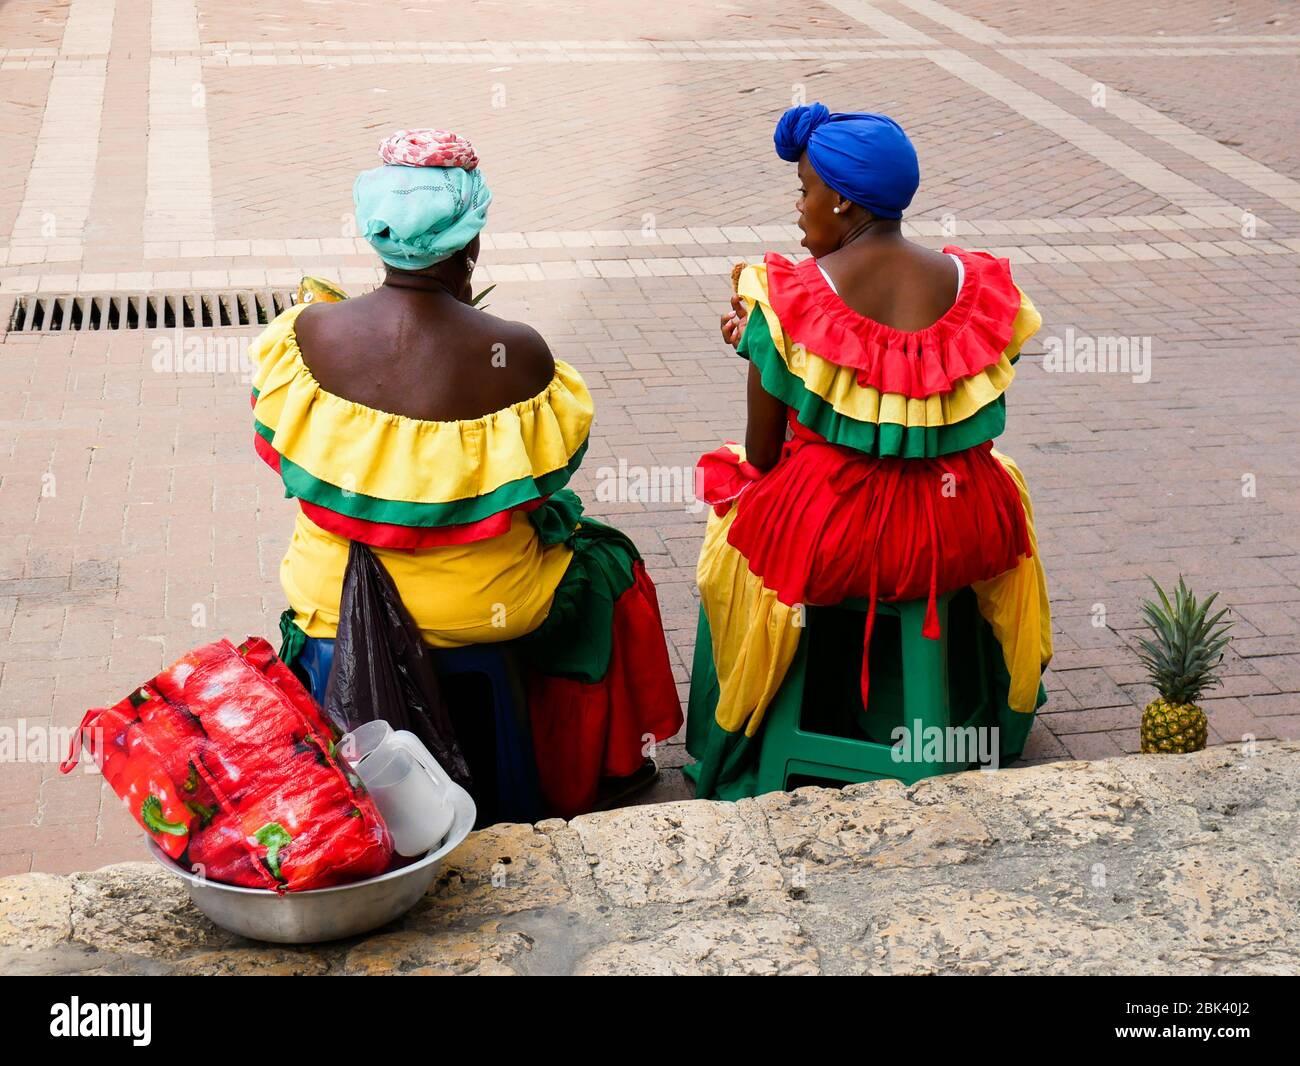 Cartagena, Colombia, 1 de agosto de 2019: Dos palenqueras vendedores callejeros de frutas típicas con vestidos de colores sentados descansando desde la espalda Foto de stock